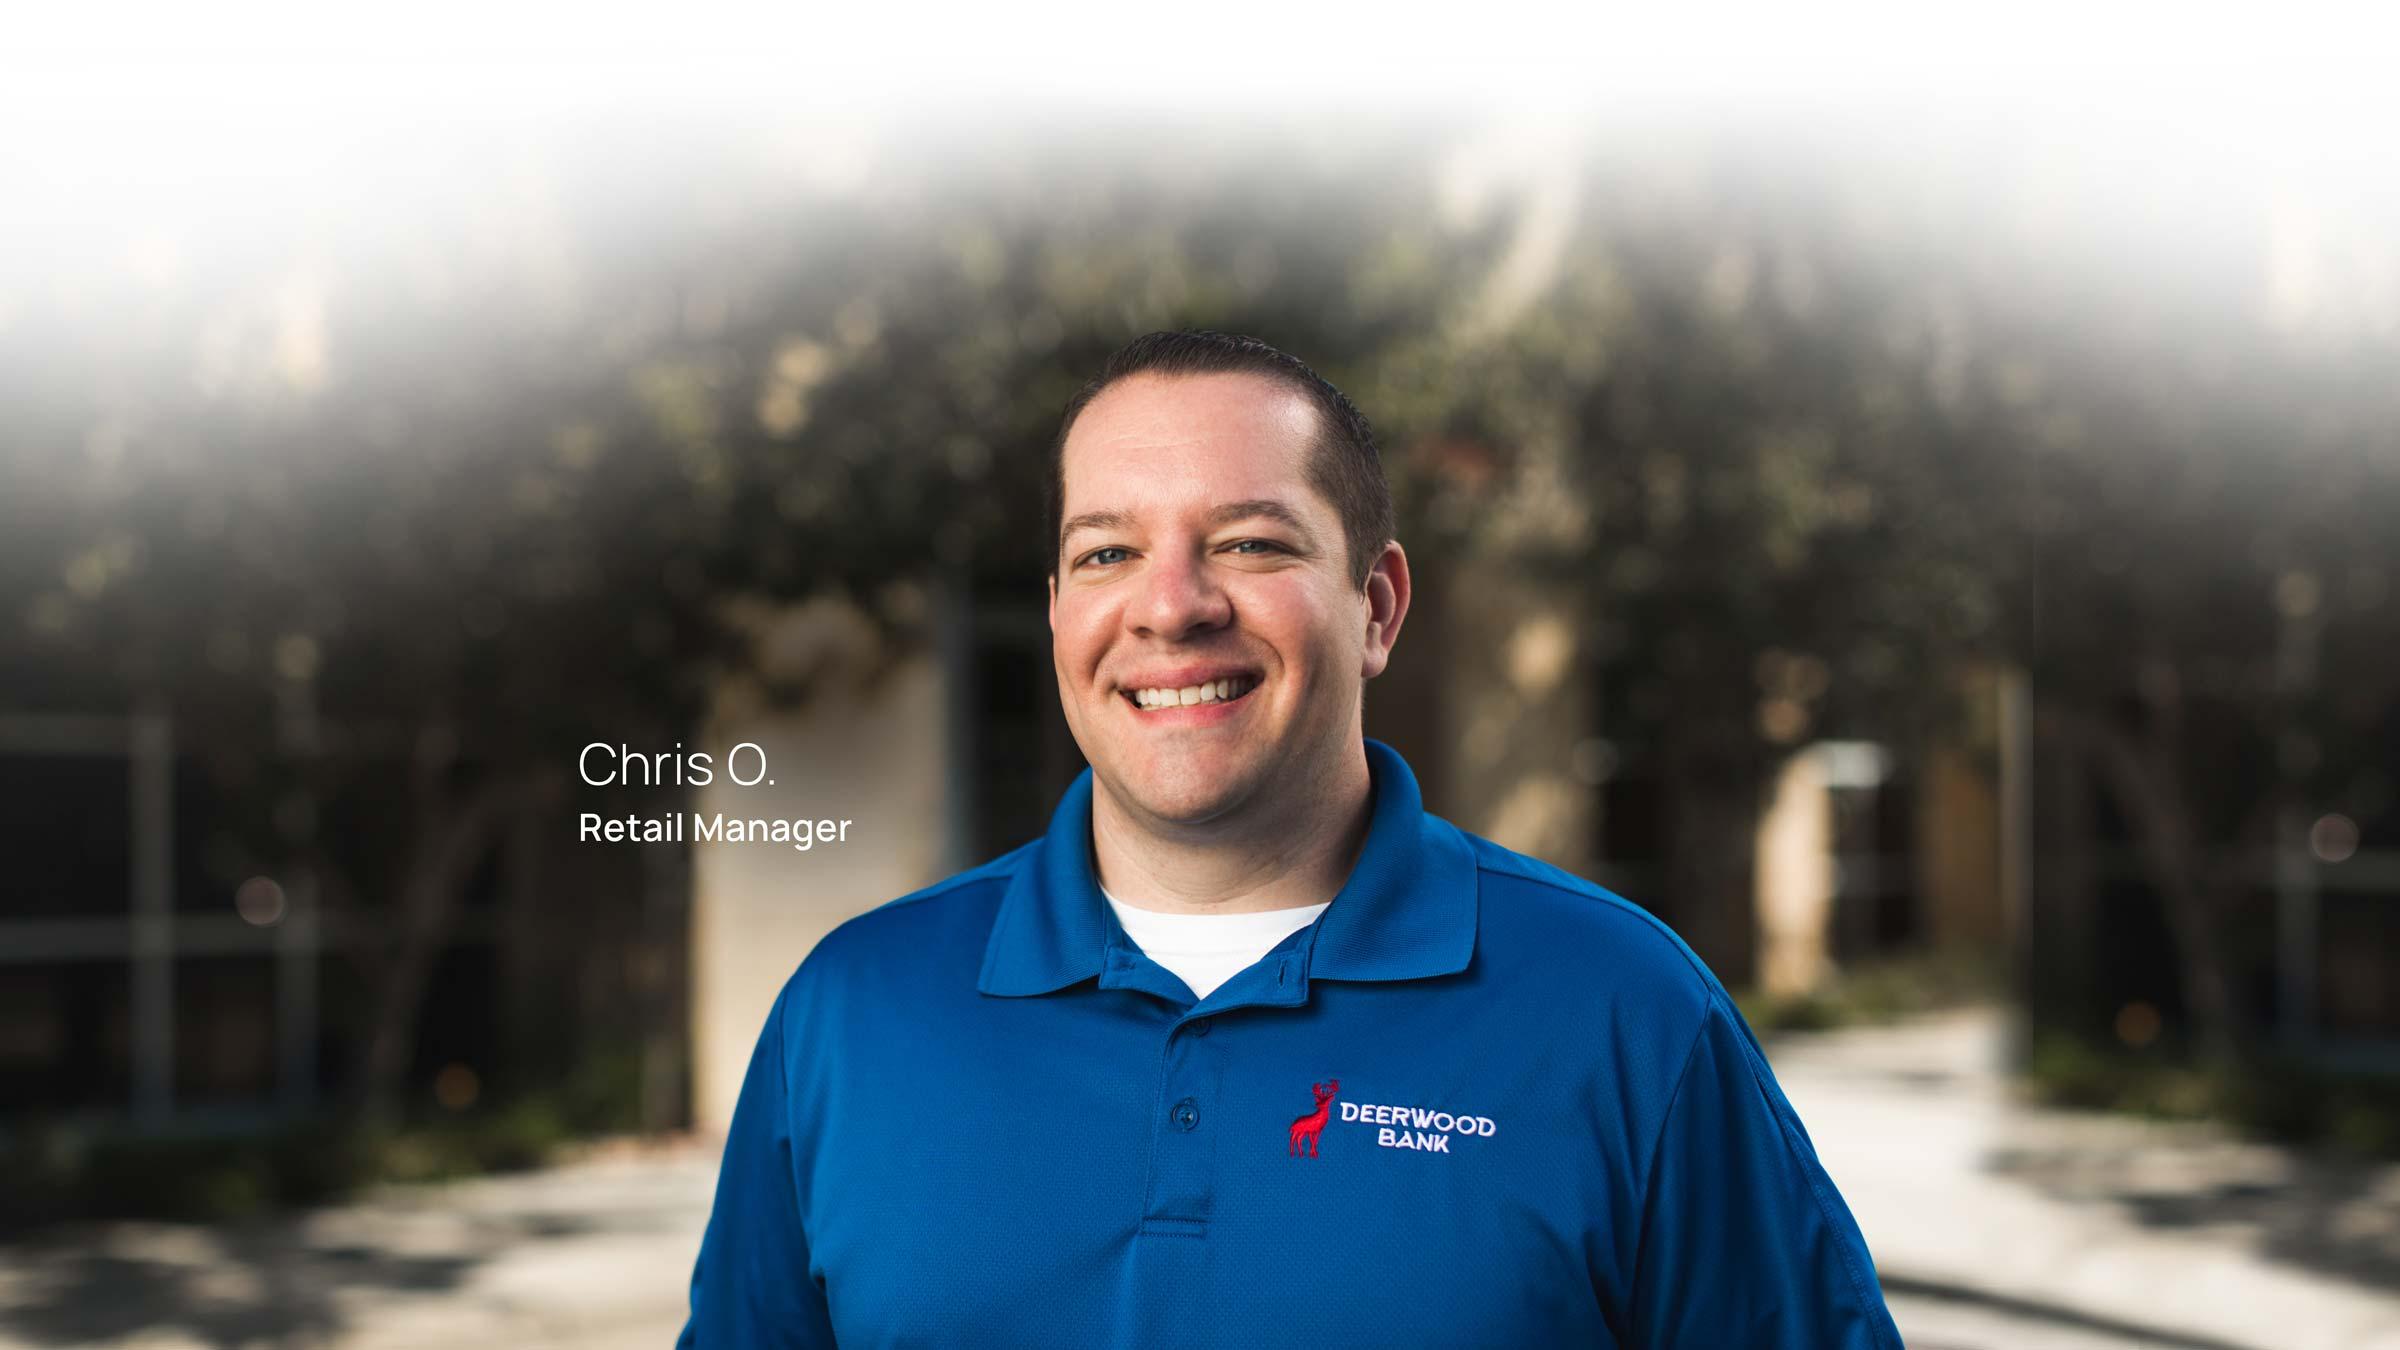 Chris O. Retail Manager